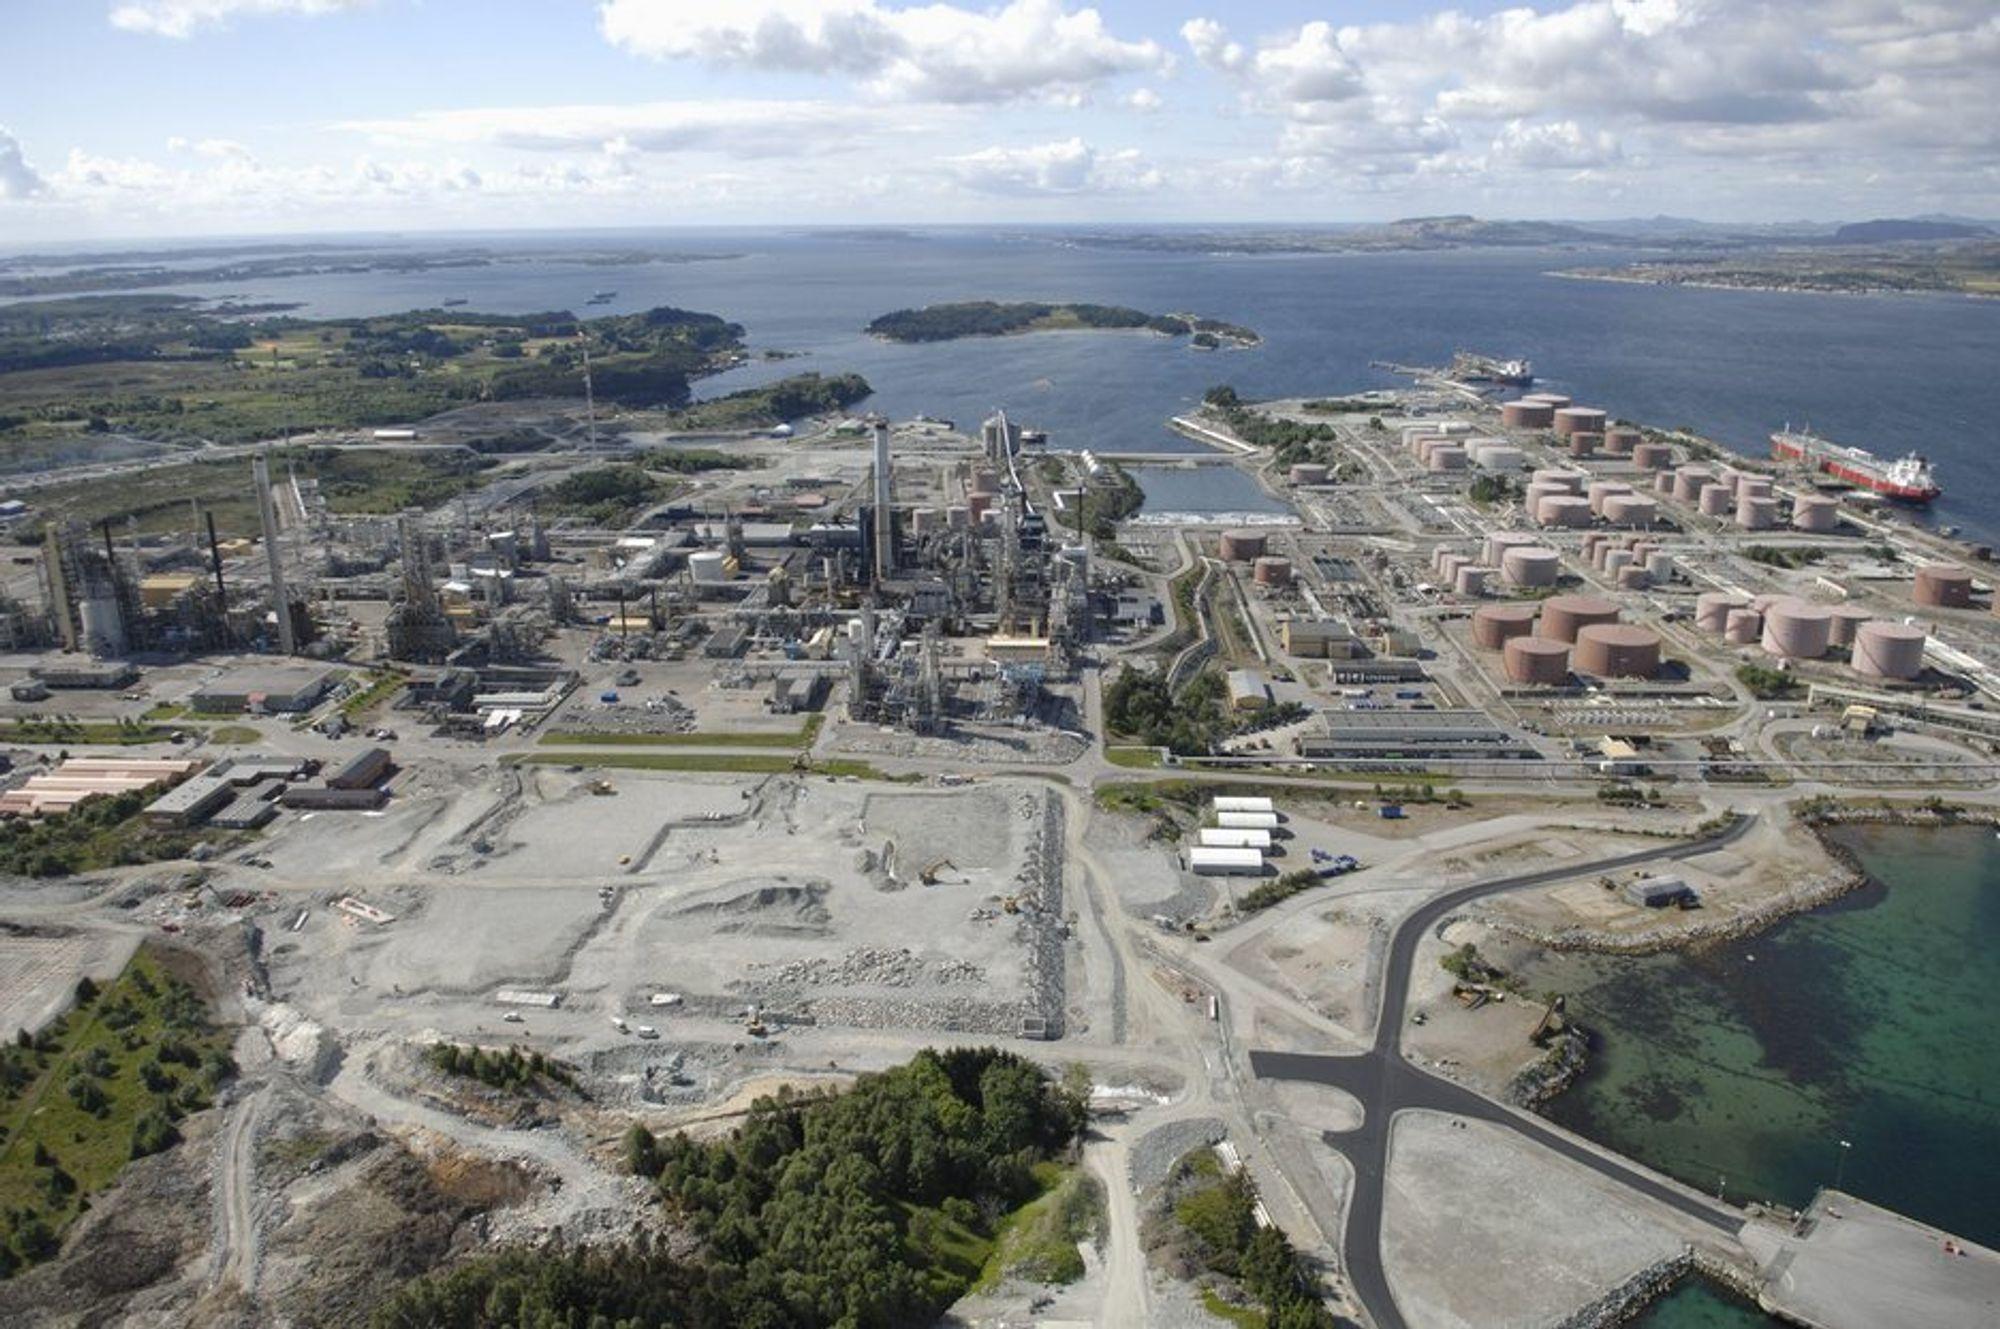 INGEN KONKURRANSE: Det blir ingen teknologikonkurranse om rensingen av Mongstad-raffineriet. Kun aminteknologi gjelder.